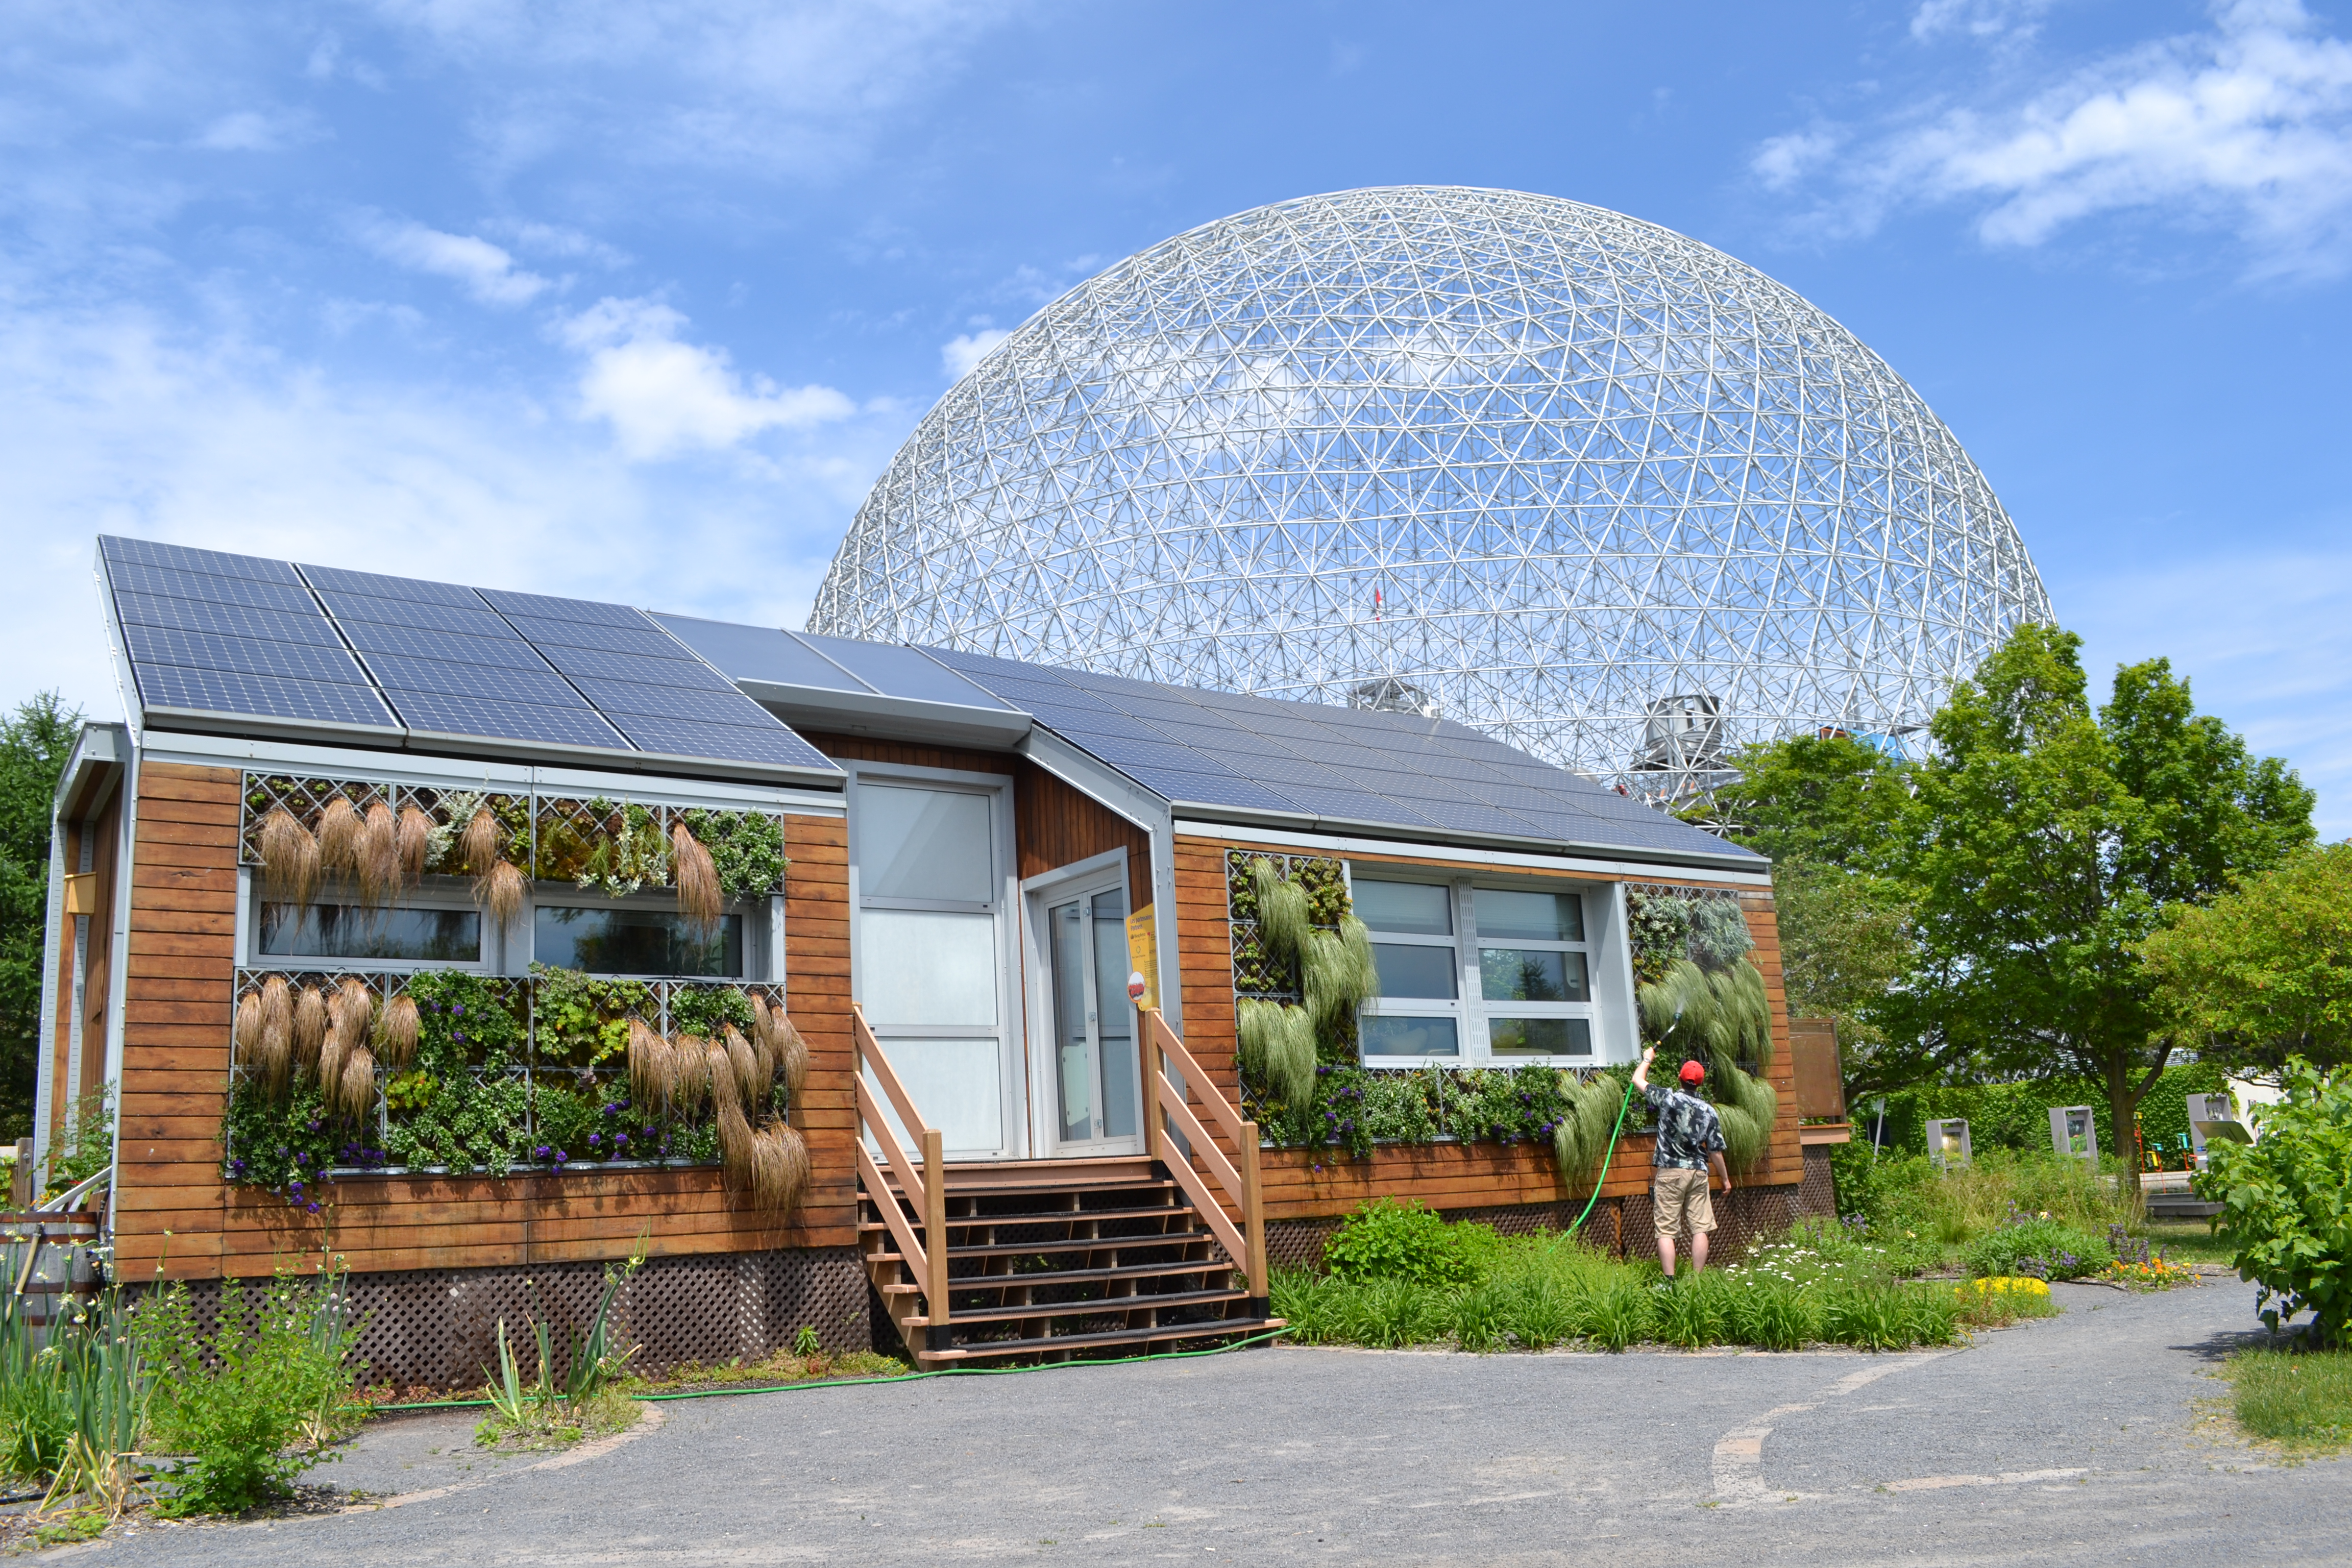 file maison solaire coologique le sainte h l ne 02 jpg wikipedia. Black Bedroom Furniture Sets. Home Design Ideas